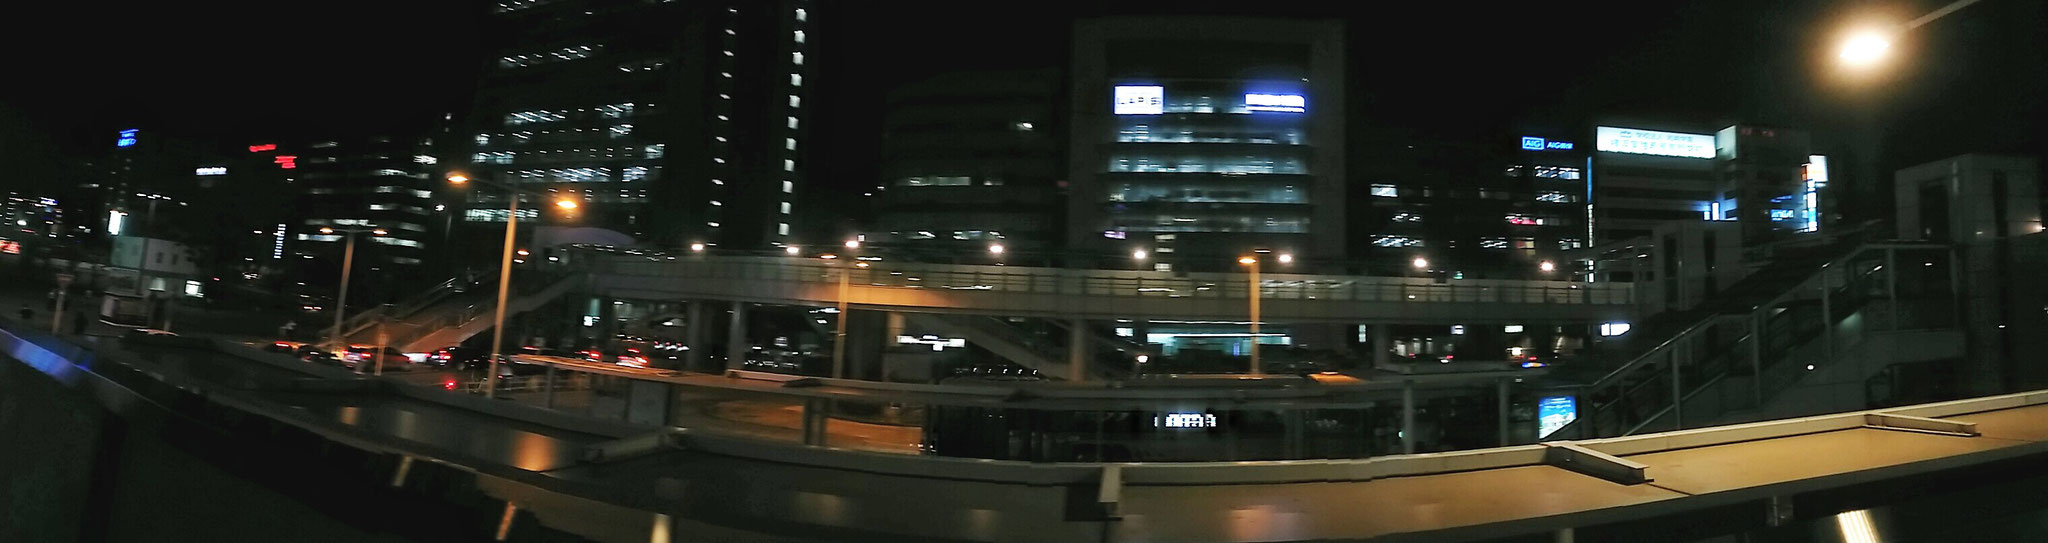 1 Yokohama at night